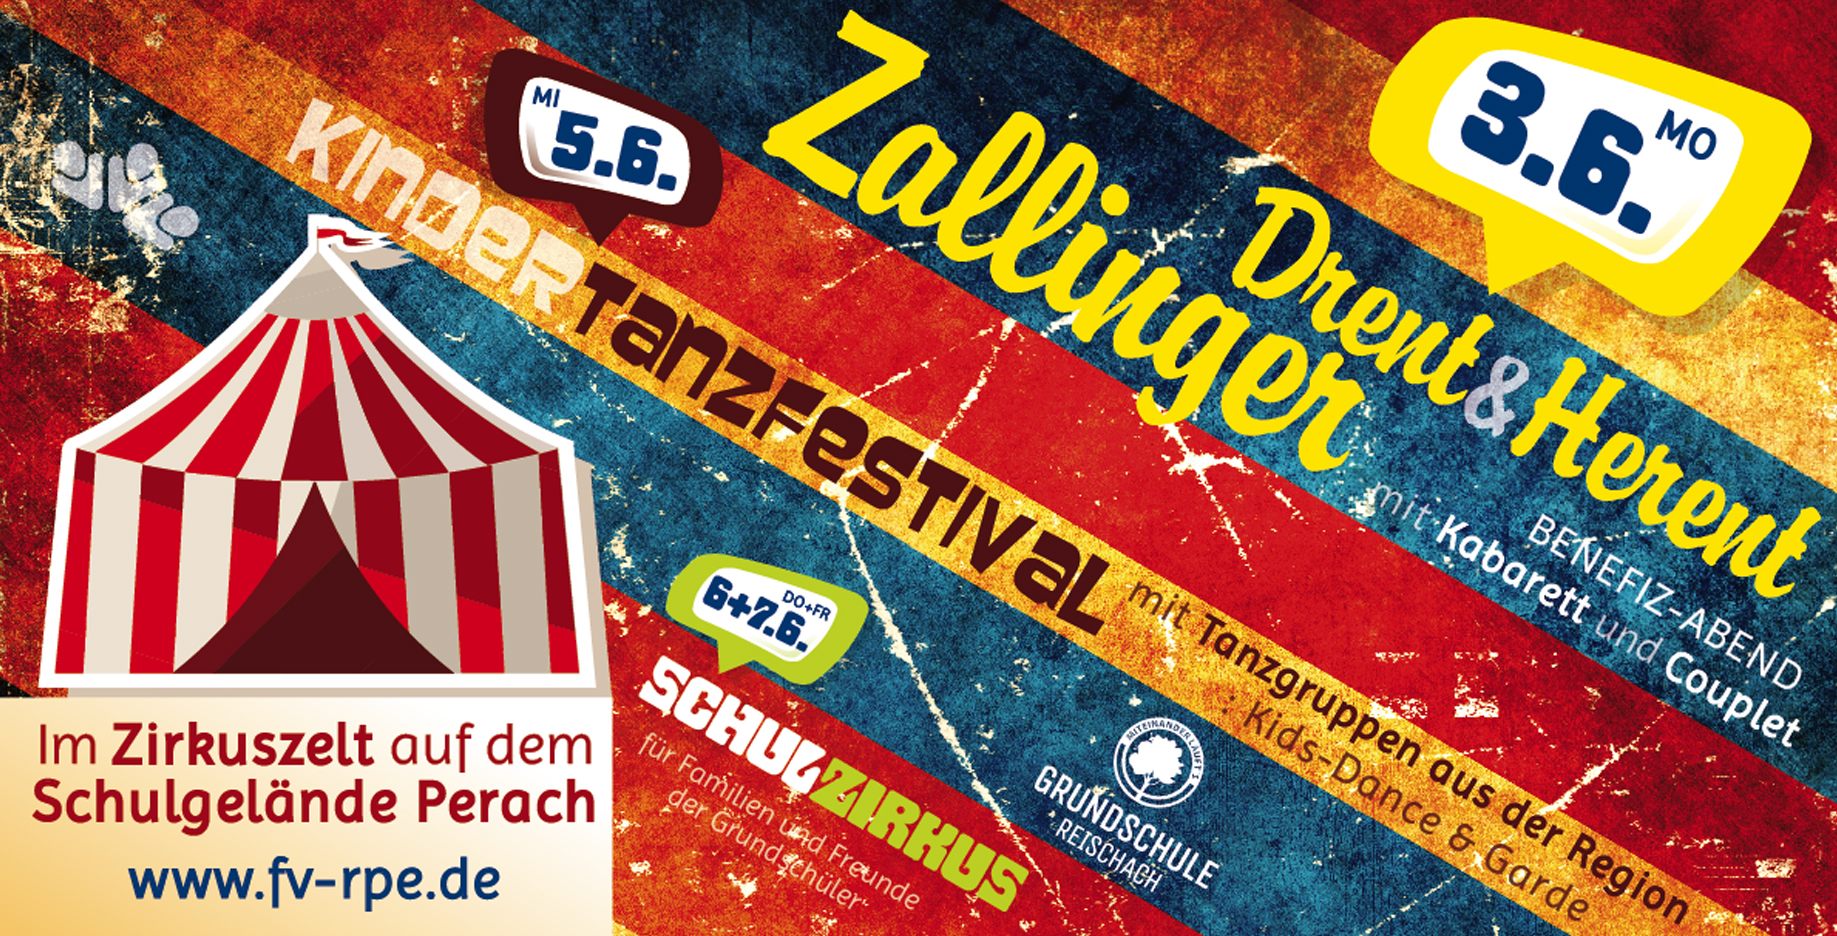 Zirkus-Banner